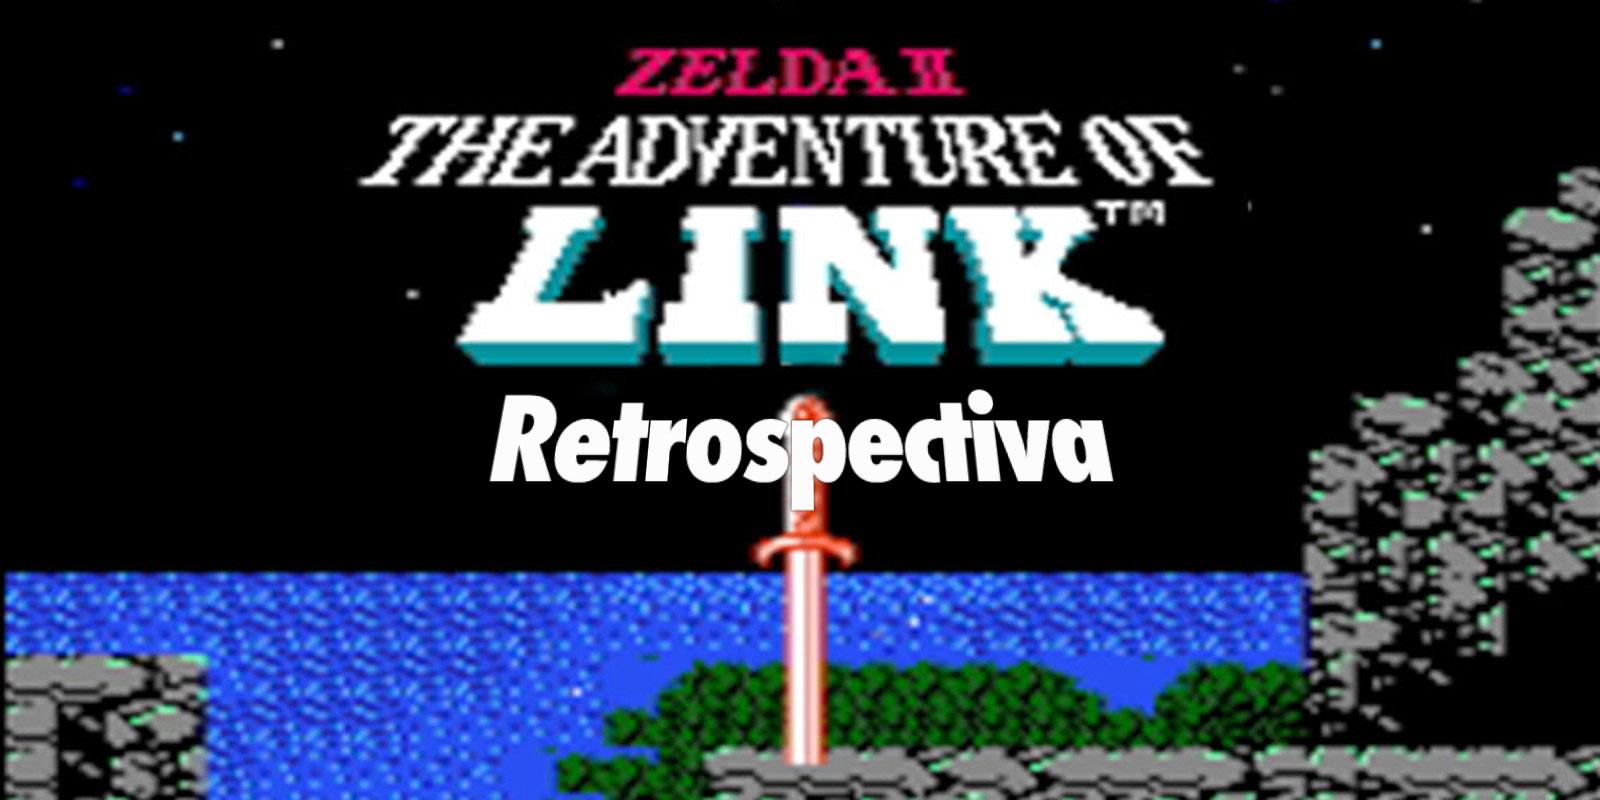 Zelda-The-adventure-of-link-retrospectiva